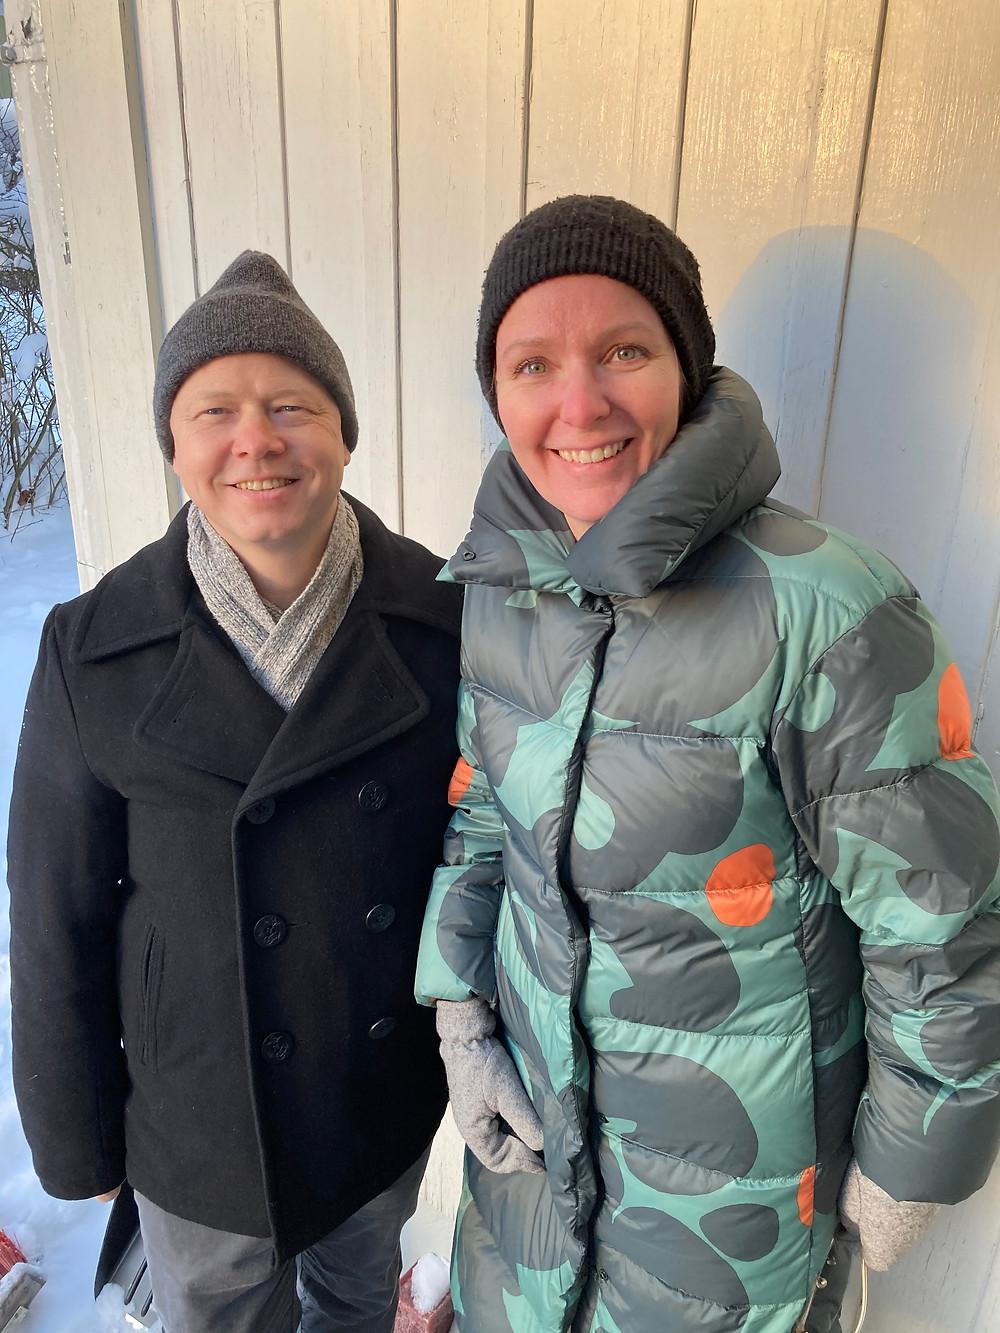 Armin Seebass ja Kristiina Aatsing poseeraavat kameralle hymyillen aurinkoisena talvipäivänä vaalean lankkutaustan edessä